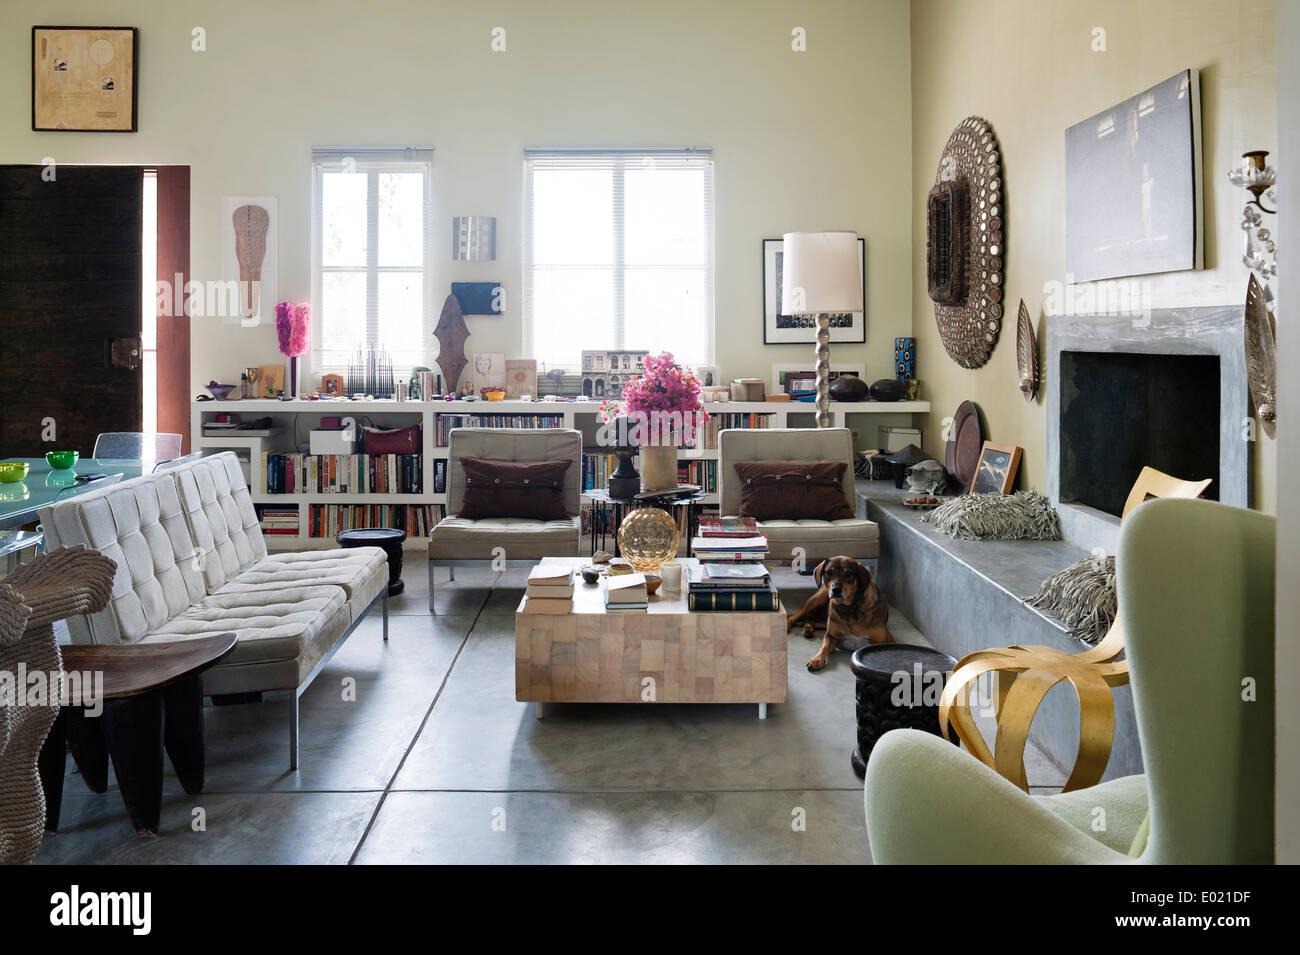 Rayonnages de livres et trois pièces gris à Baja suite accueil du designer d'intérieur Anglais Jenny Armit Photo Stock